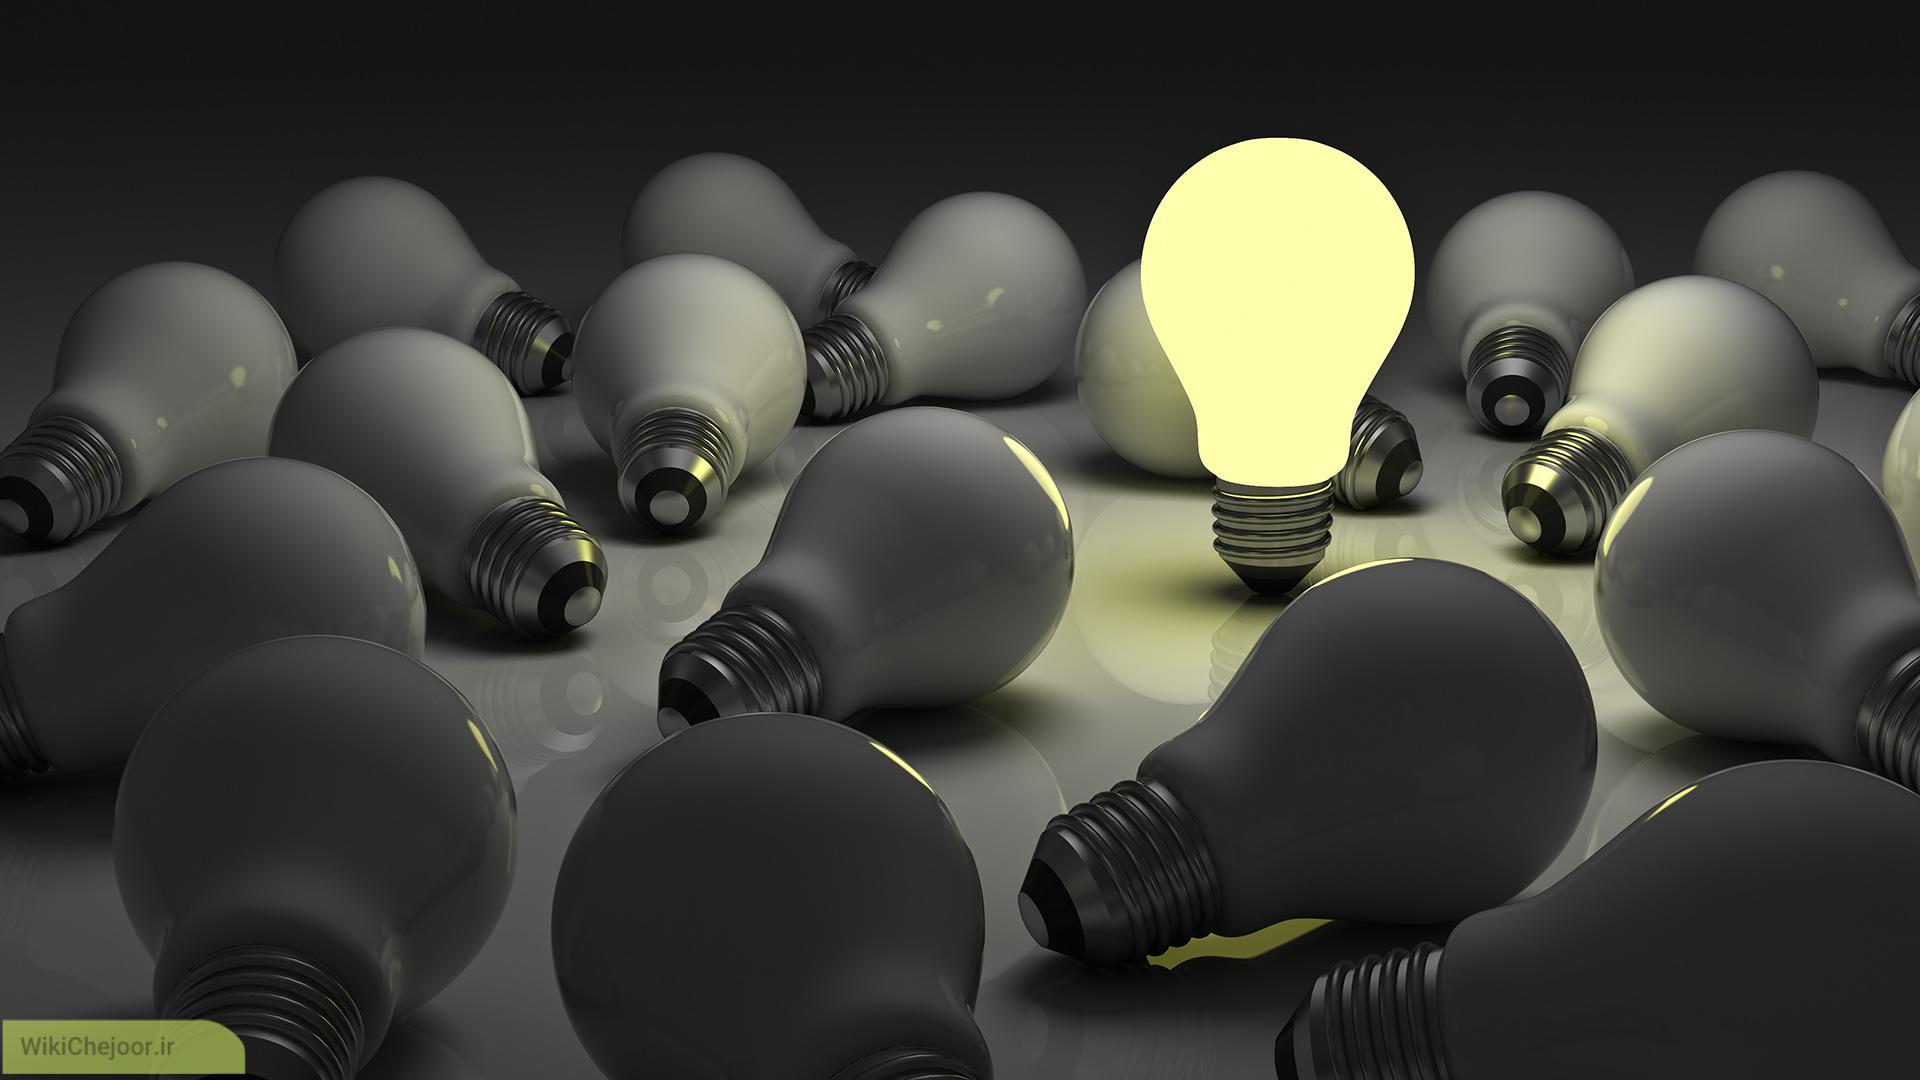 چگونه ایده های جدید خلق کنیم؟